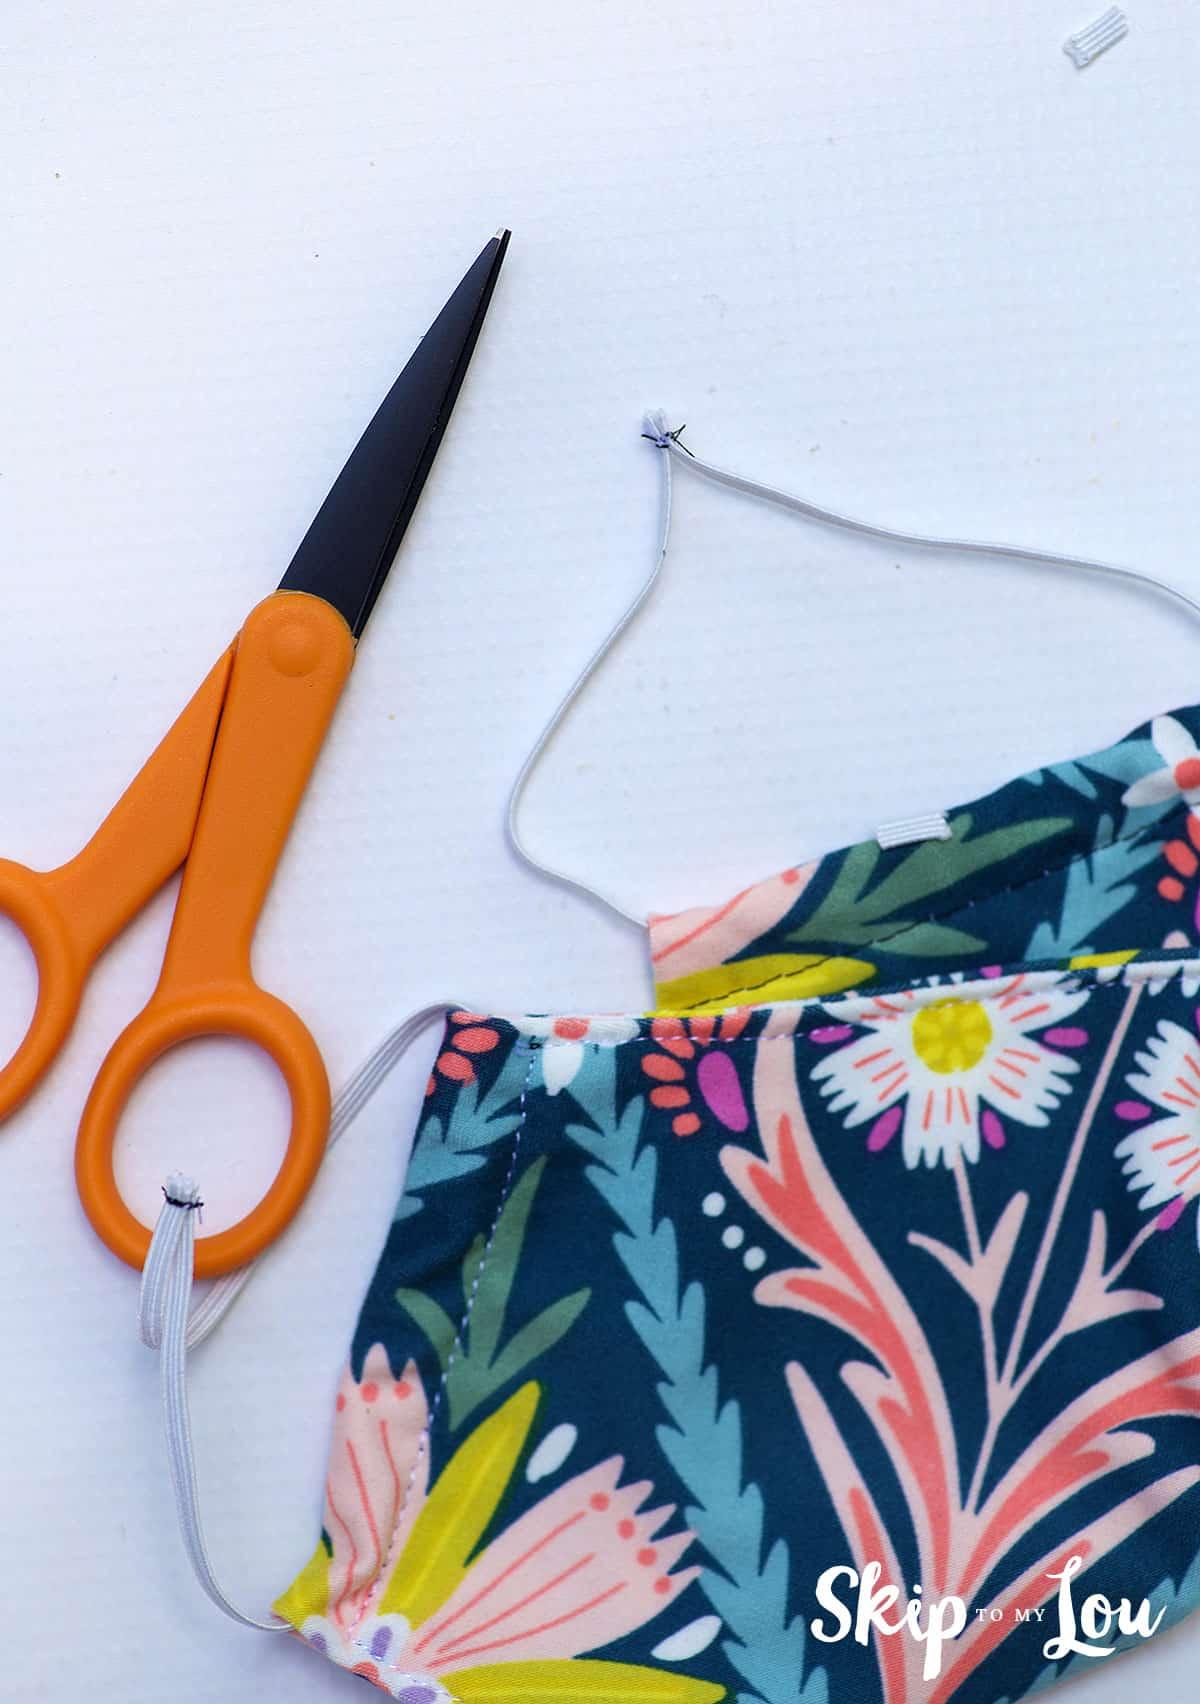 scissors trim elastic ends